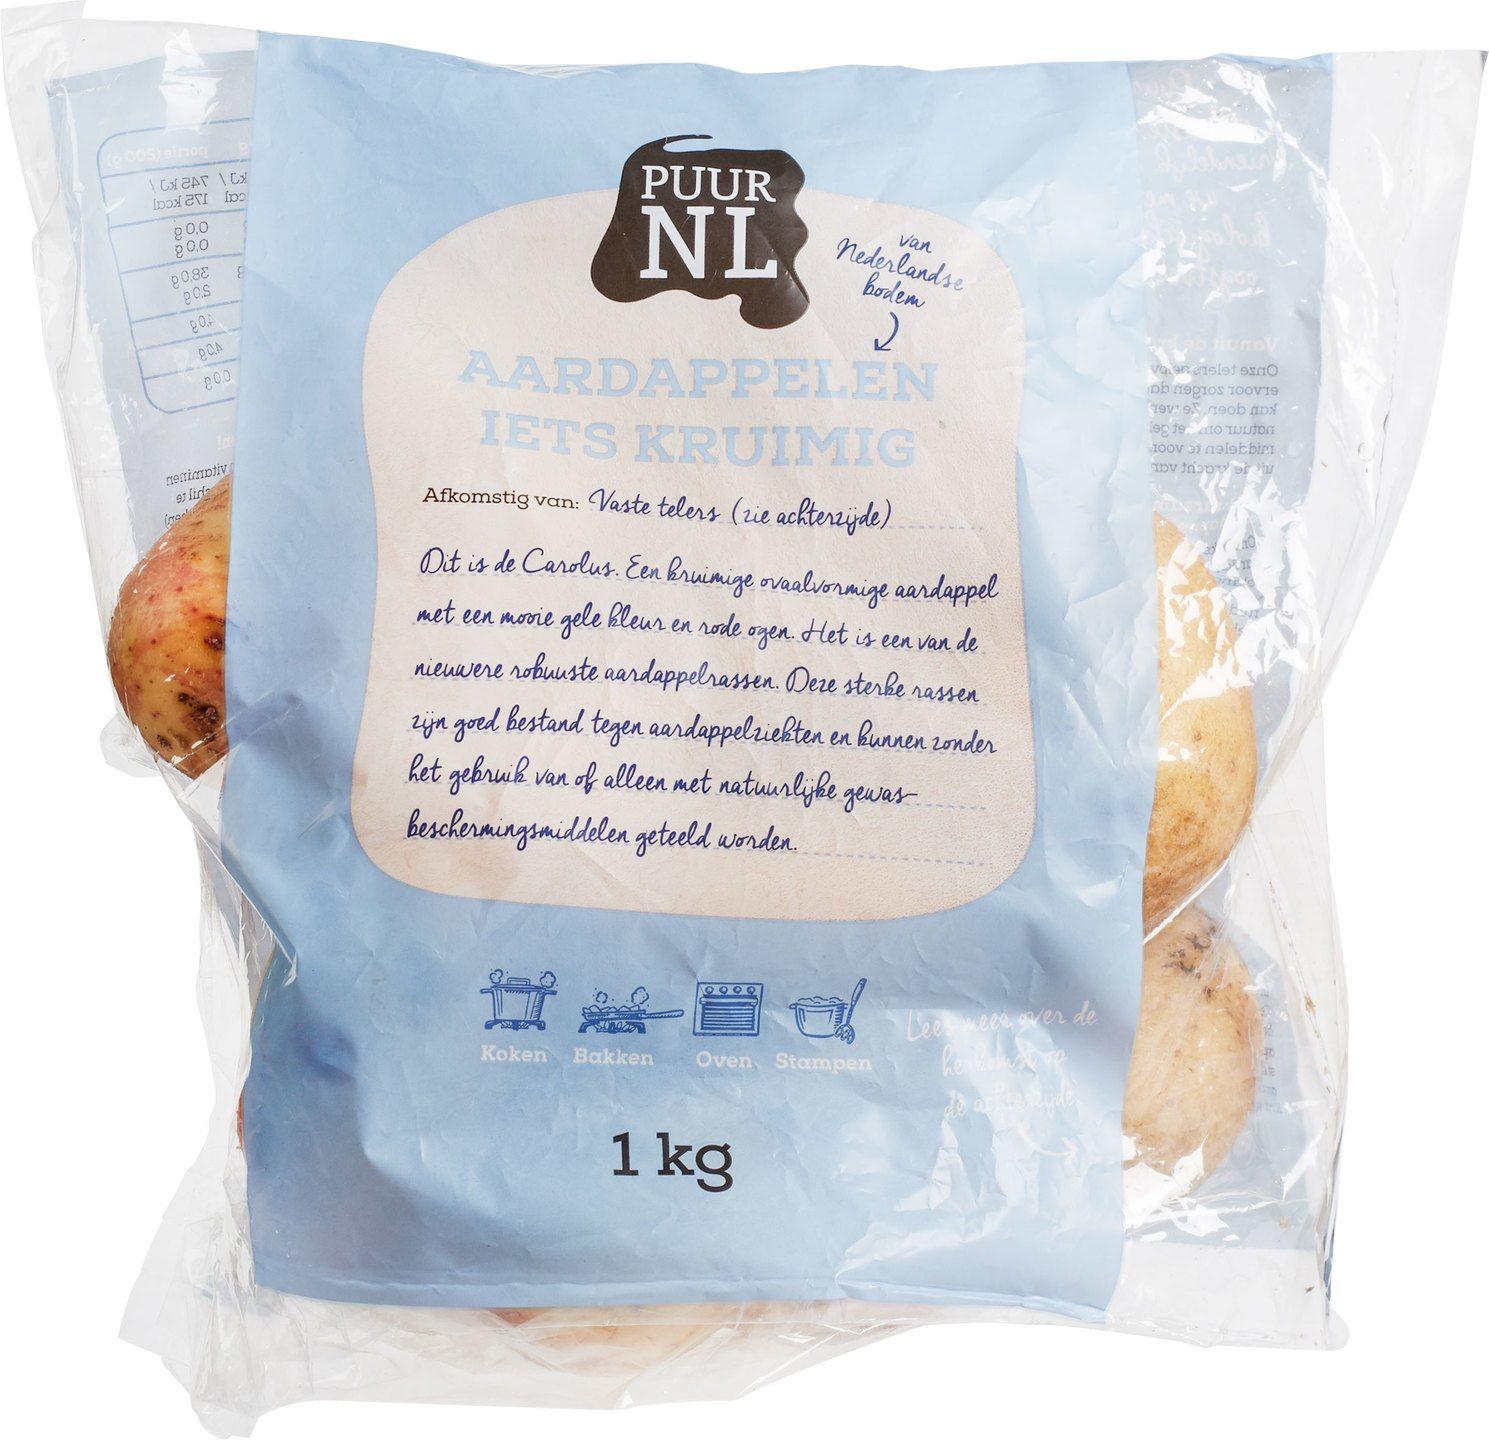 Biologische Puur NL Aardappel (kruimig) 1 kg